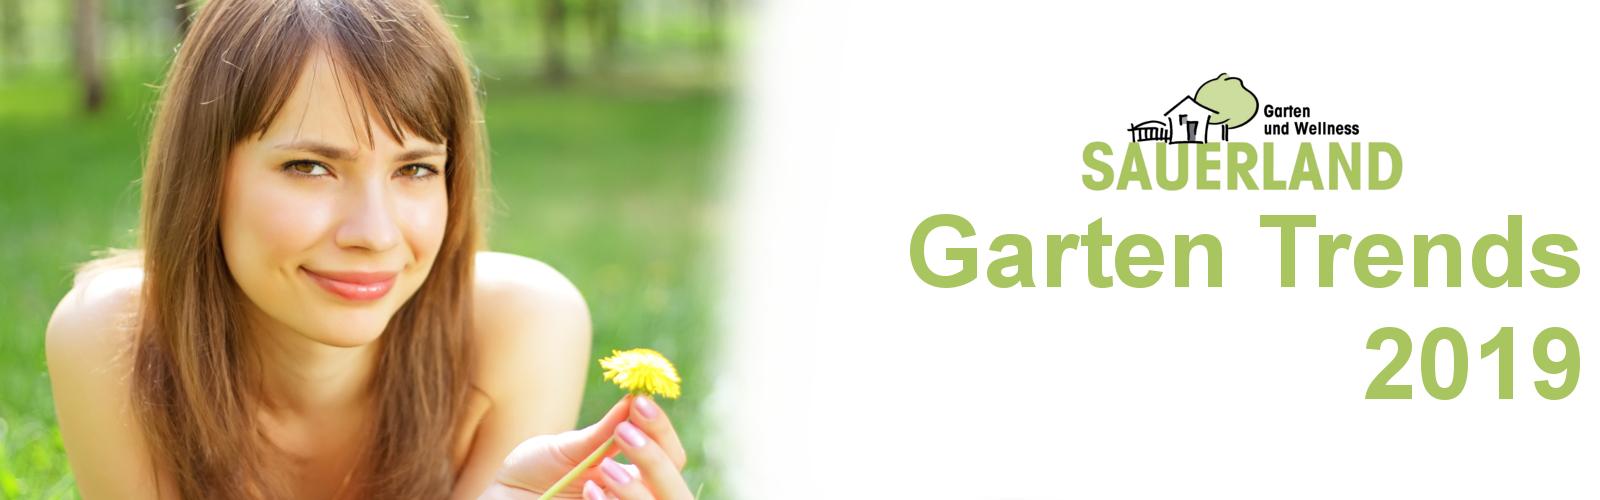 Garten-Trends 2019